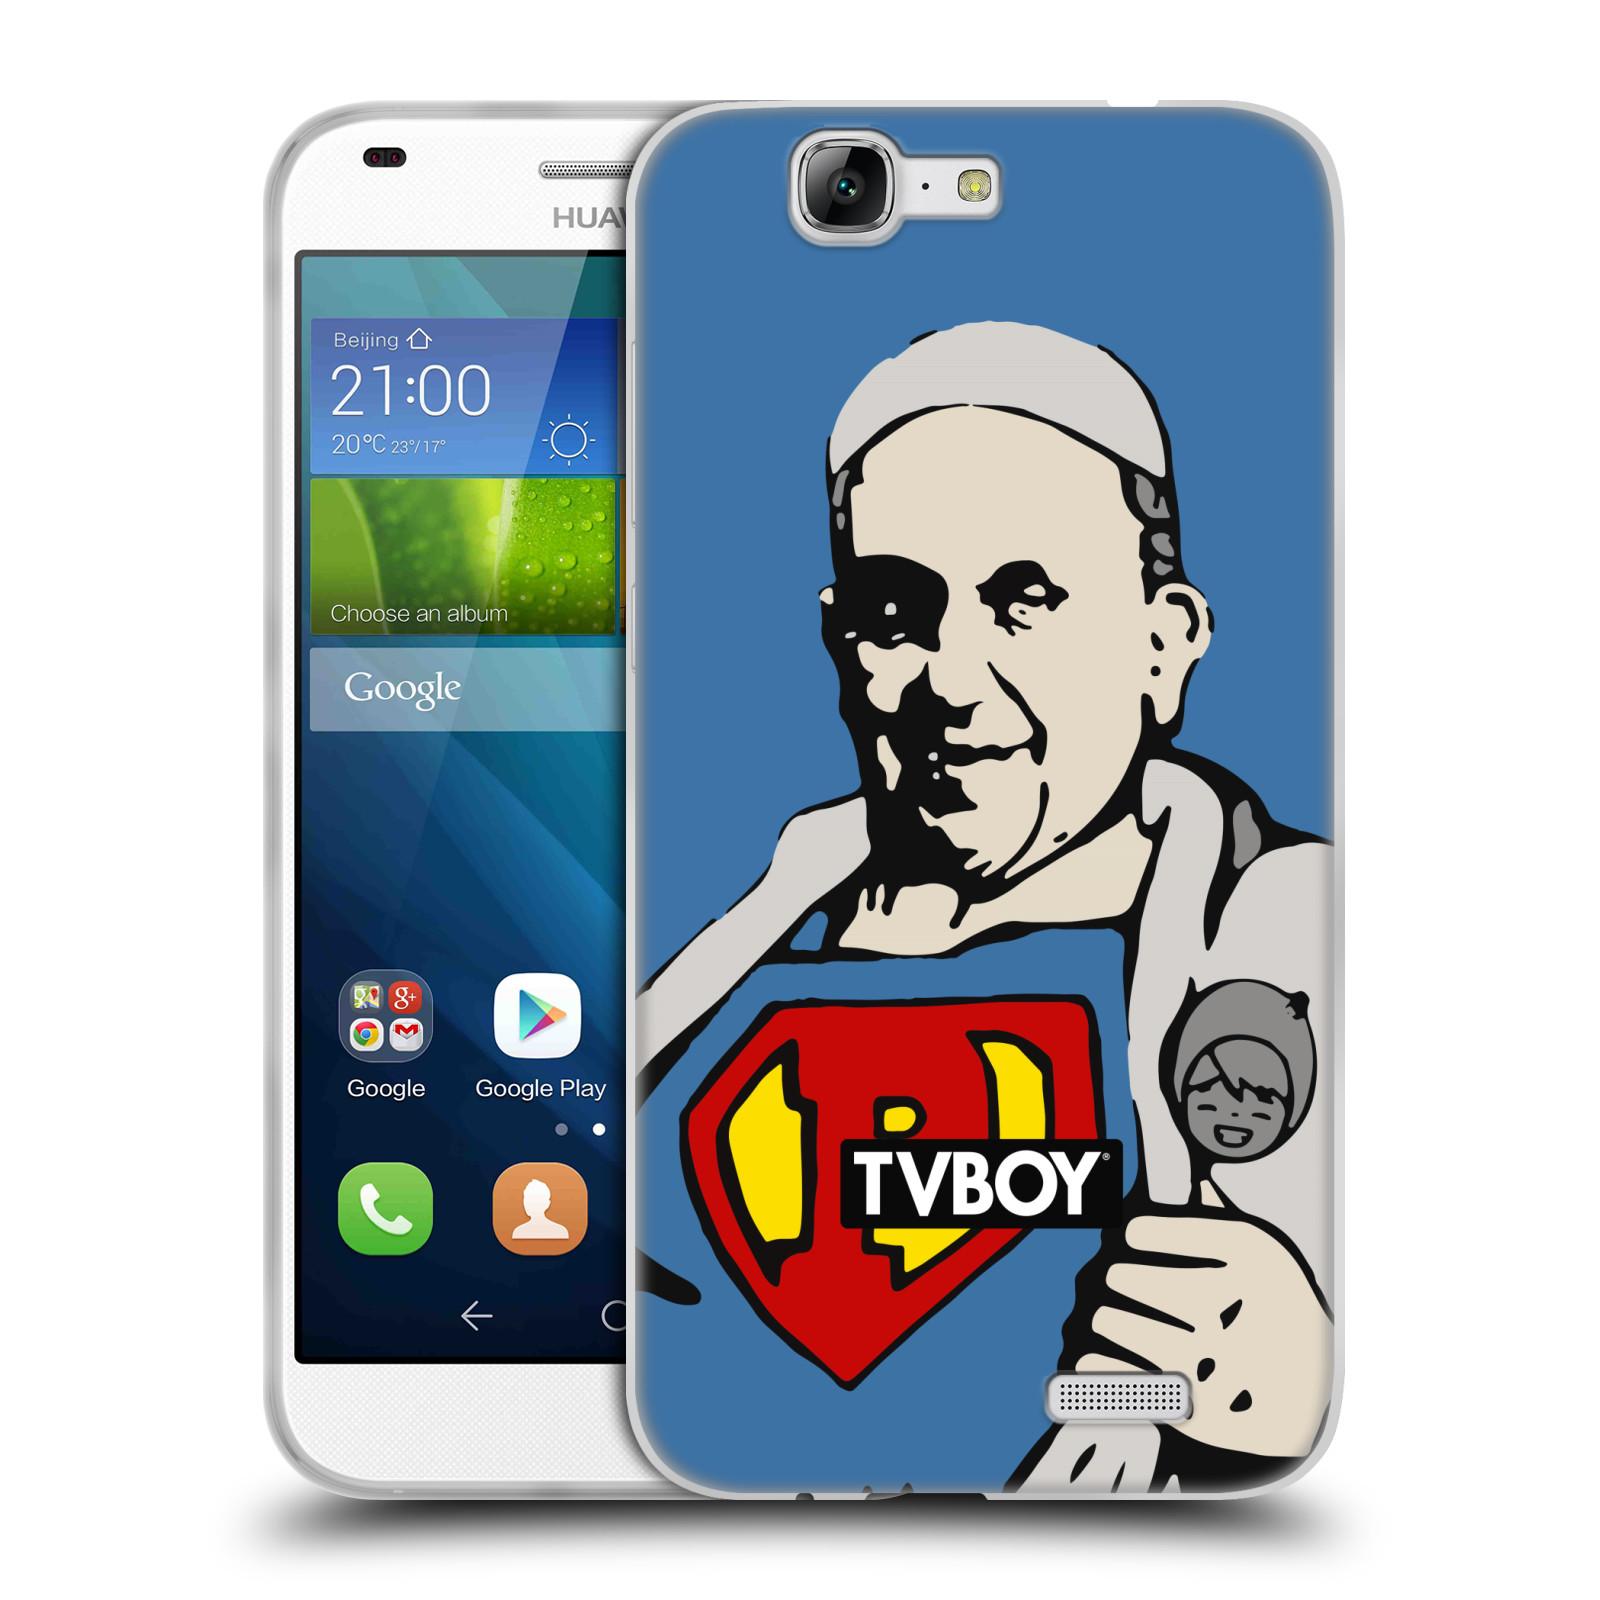 Silikonové pouzdro na mobil Huawei Ascend G7 HEAD CASE - TVBOY - Super Papež (Silikonový kryt či obal na mobilní telefon s licencovaným motivem TVBOY pro Huawei Ascend G7)